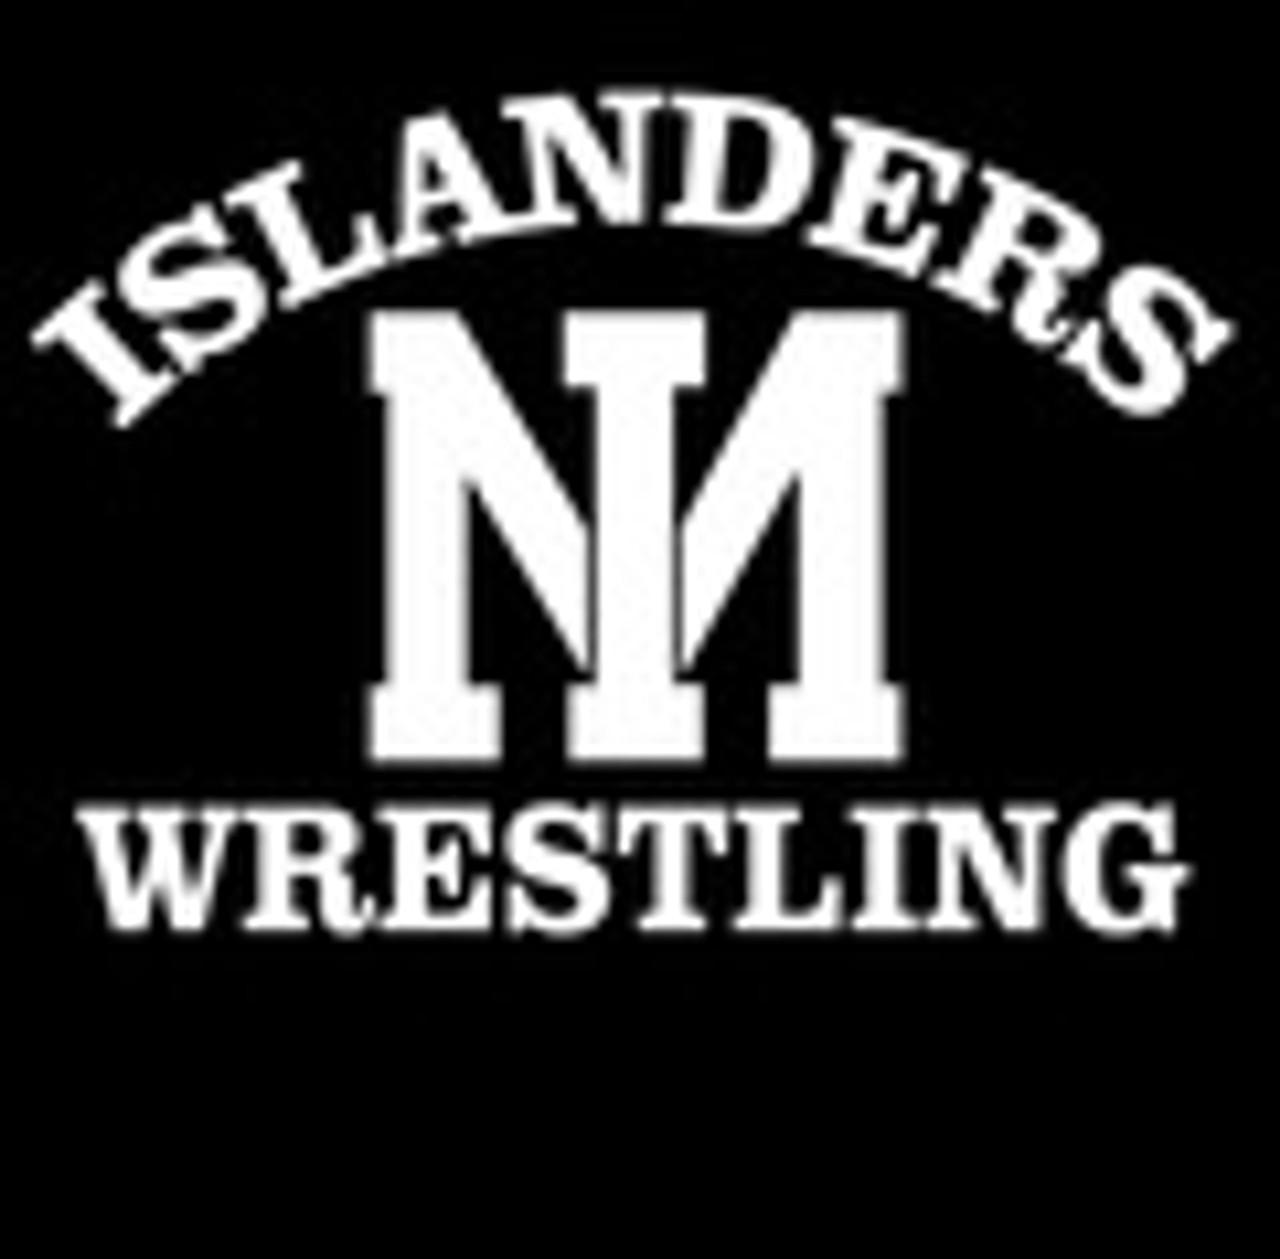 Mercer Island Wrestling